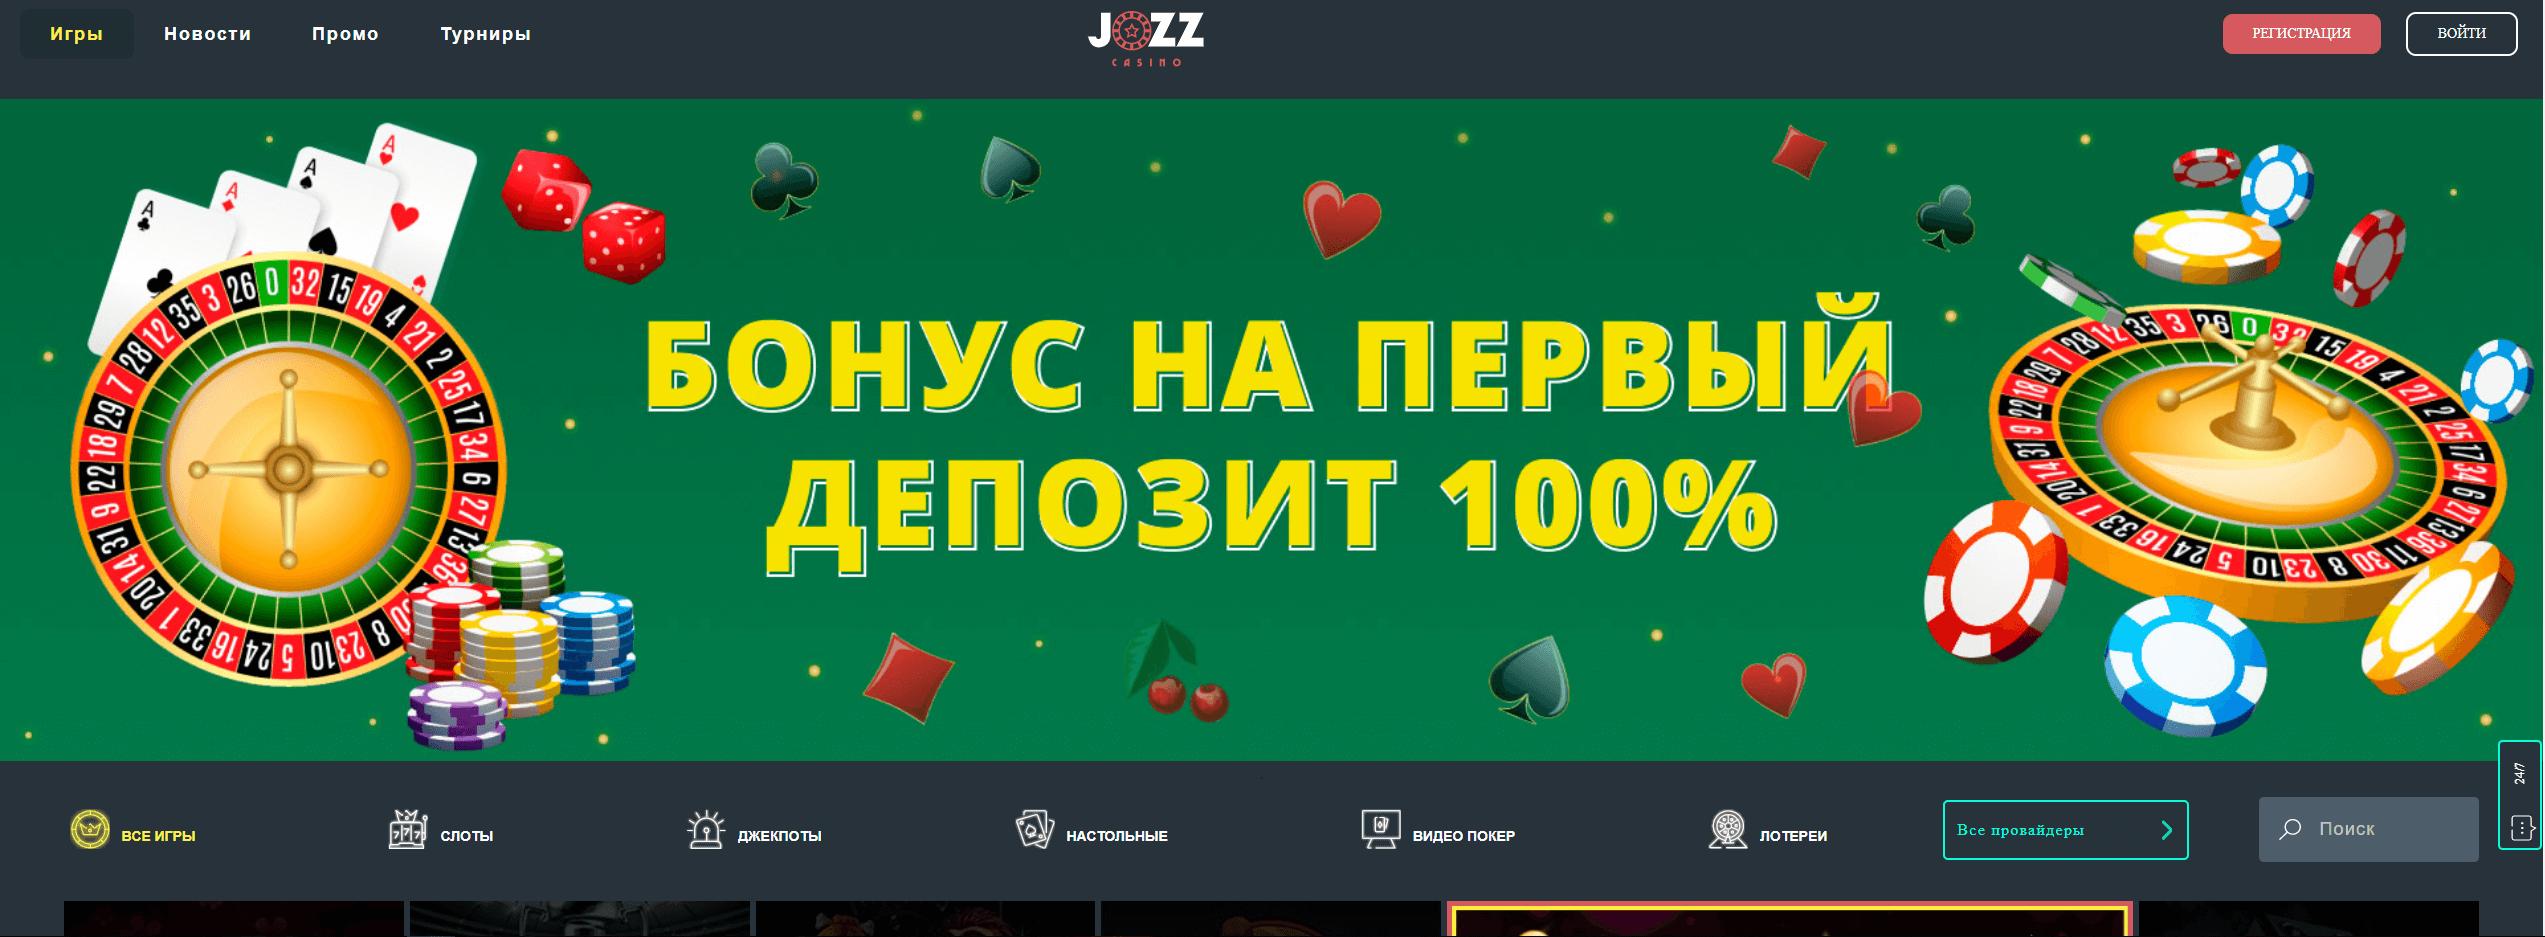 jozz casino 100% бонус на первый депозит